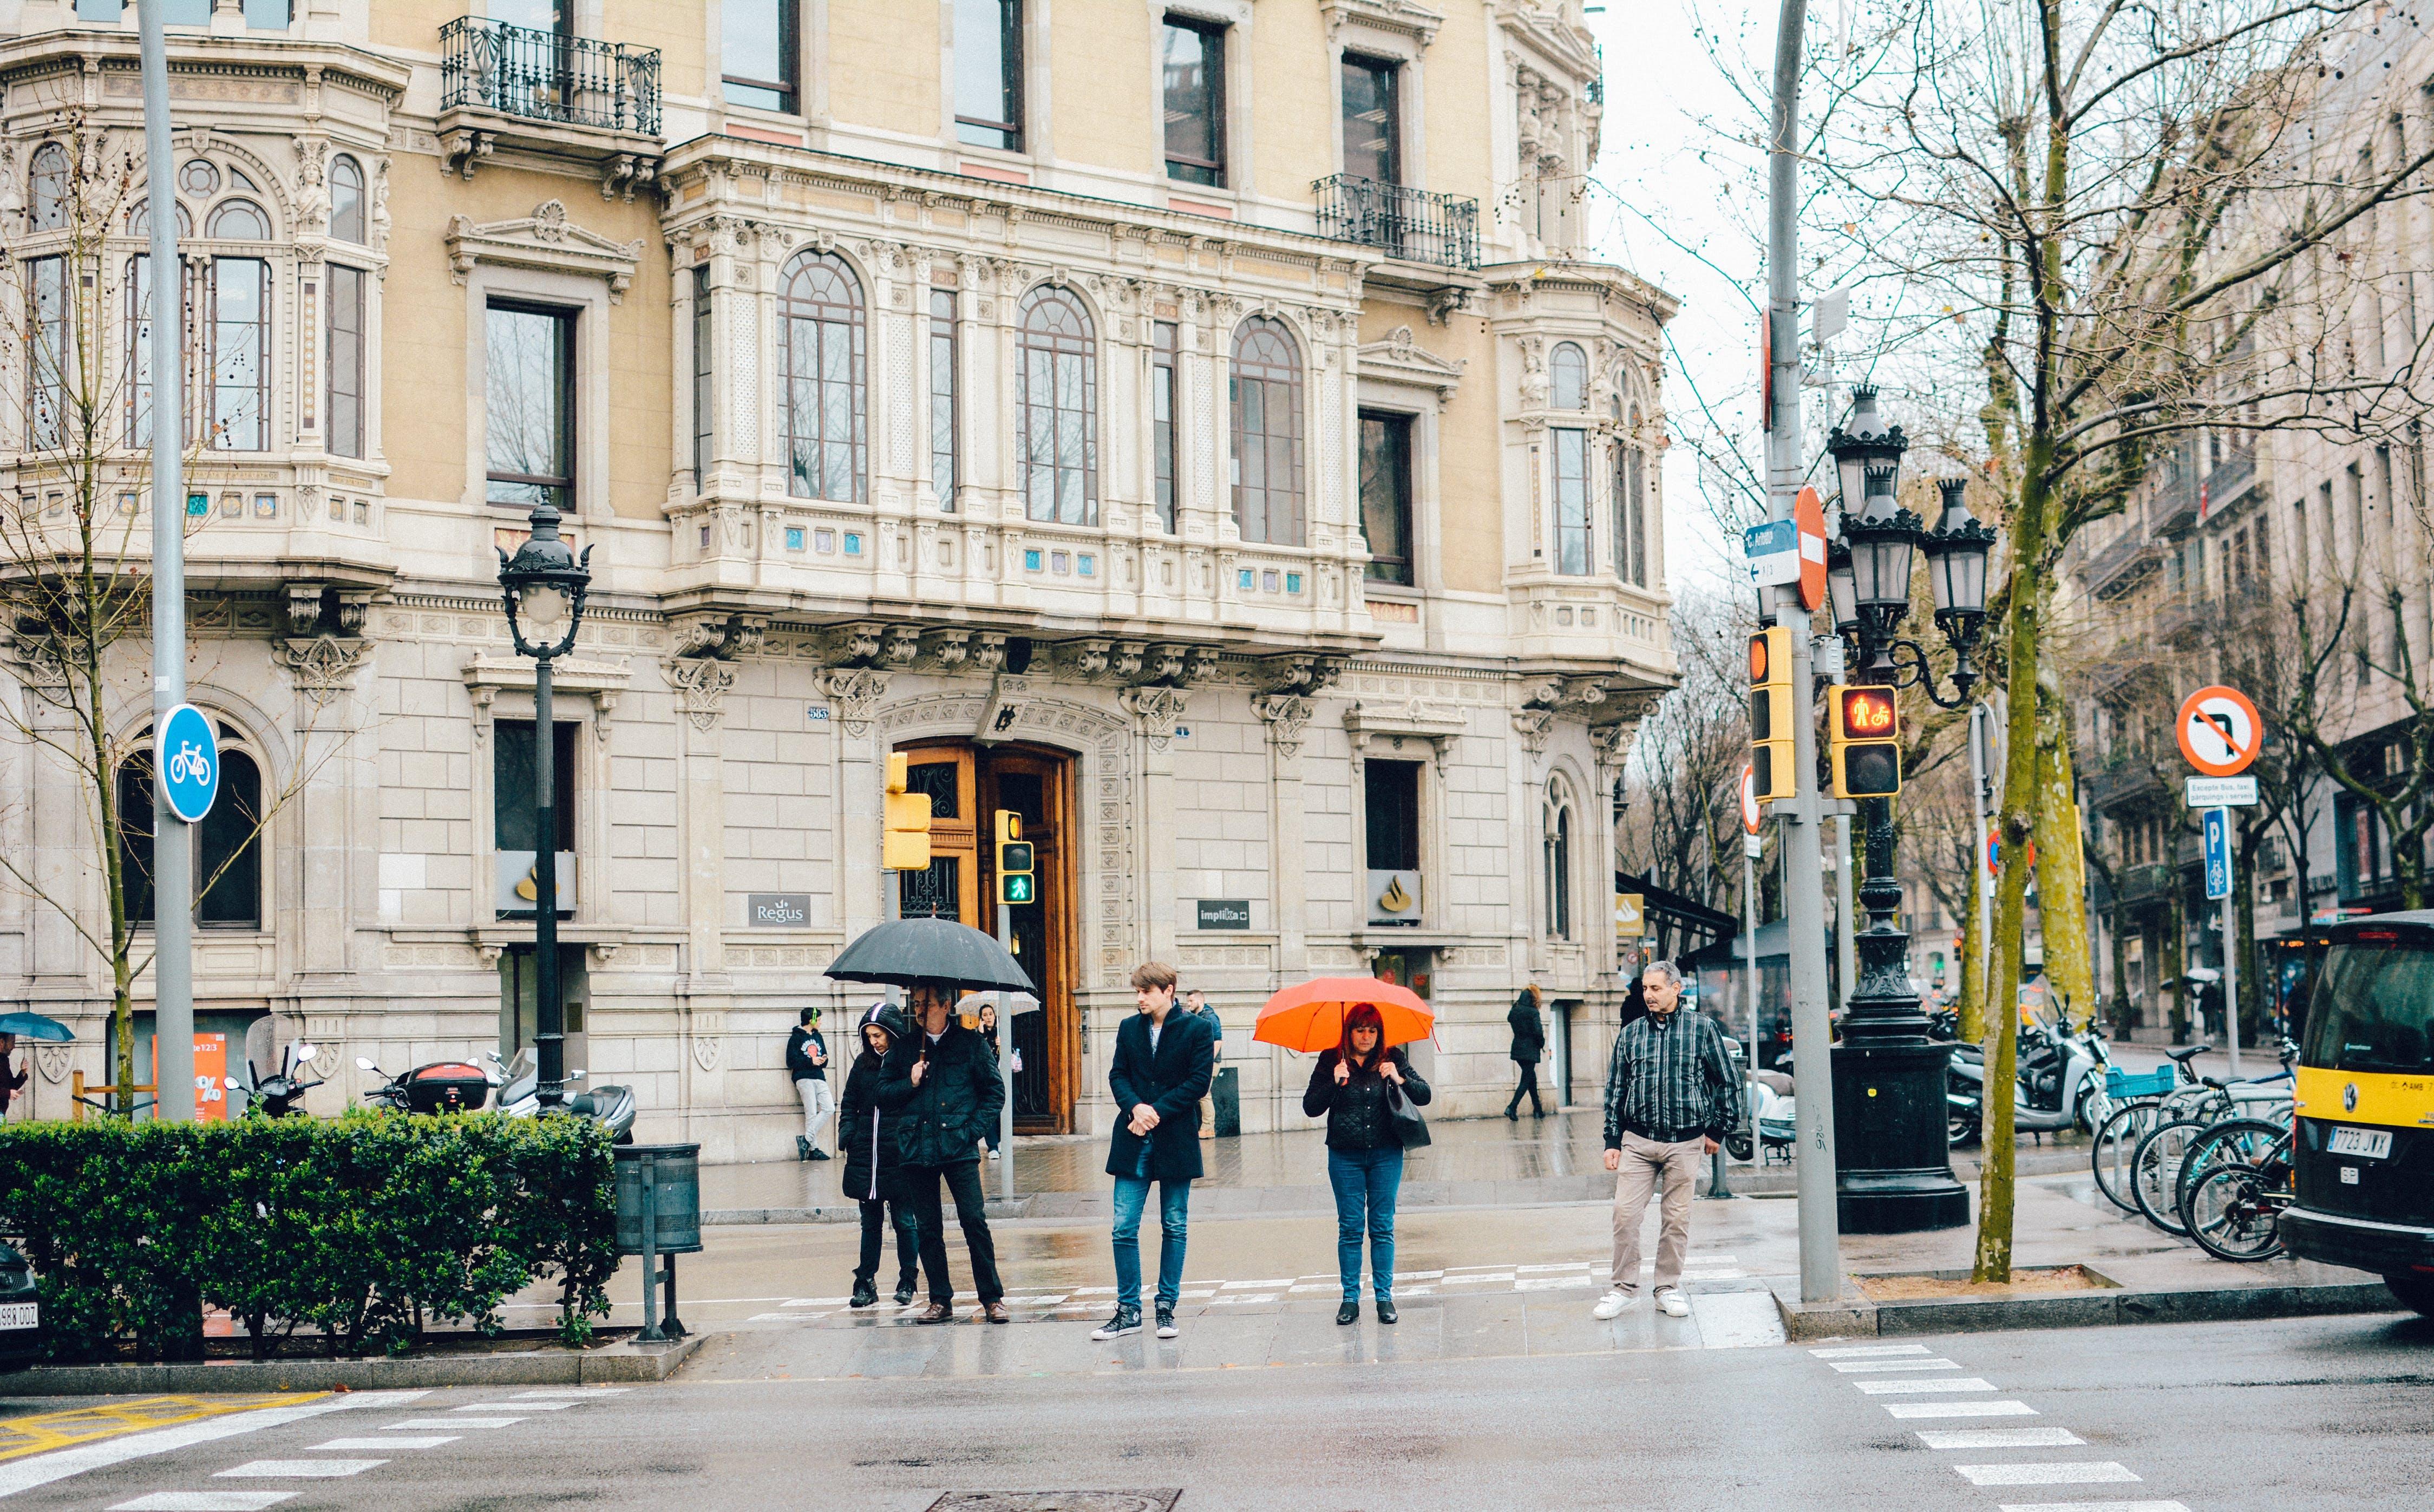 Group of People Walking Beside Beige Building